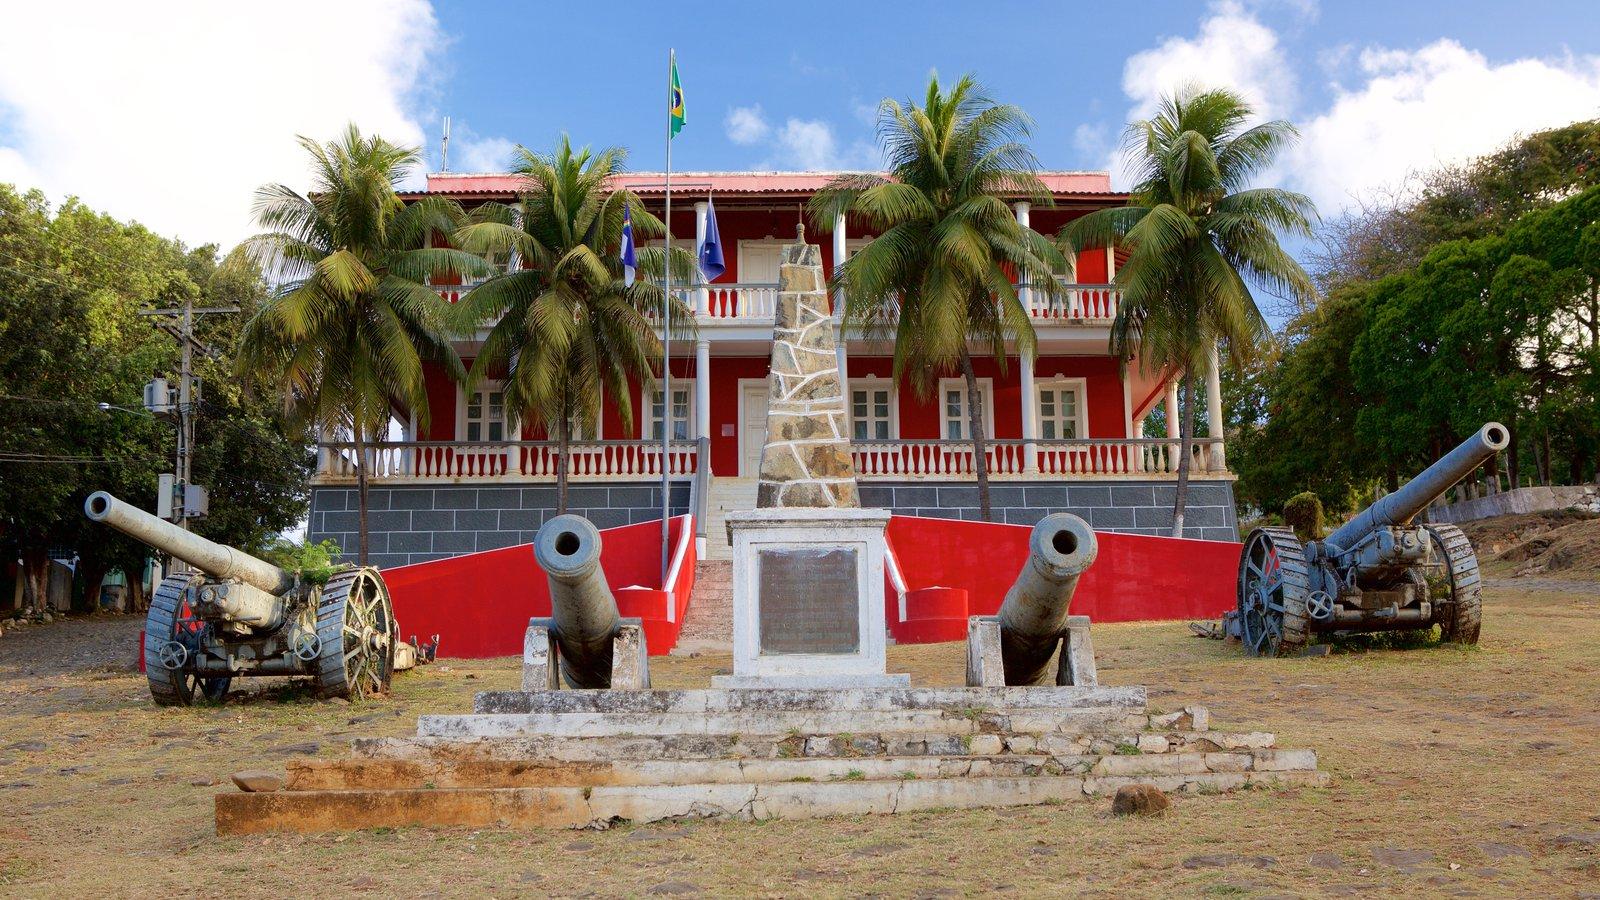 Palácio de São Miguel mostrando itens militares, um pequeno castelo ou palácio e um monumento